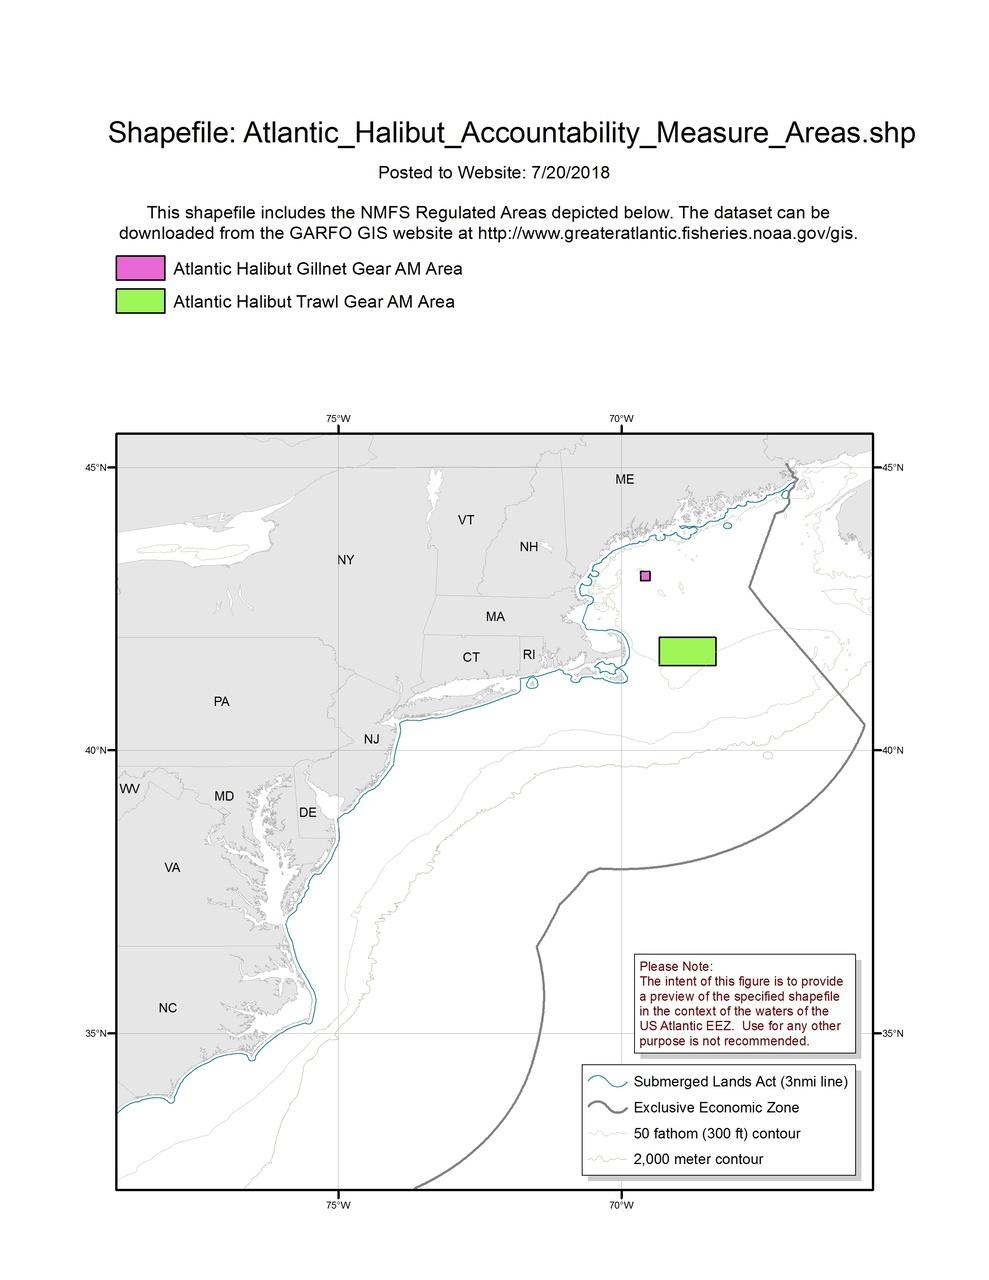 Atlantic_Halibut_Accountability_Measure_Areas_MAP.jpg